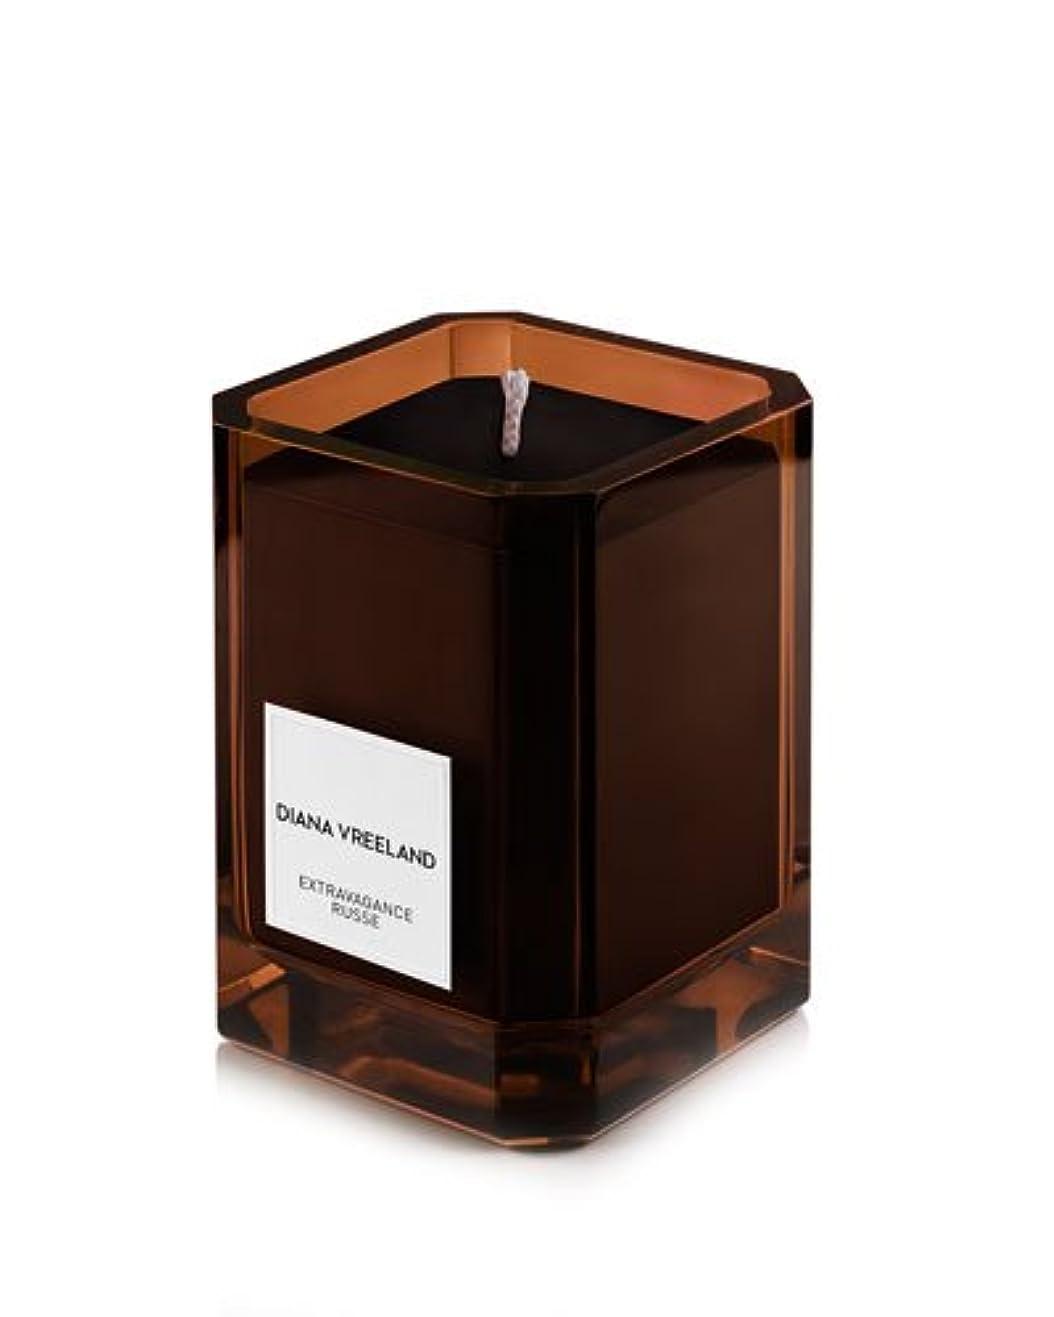 啓発する領収書疑問を超えてDiana Vreeland Extravagance Russe(ダイアナ ヴリーランド エクストラバガンス リュス) 9.7 oz (291ml) Candle (香りつきキャンドル)